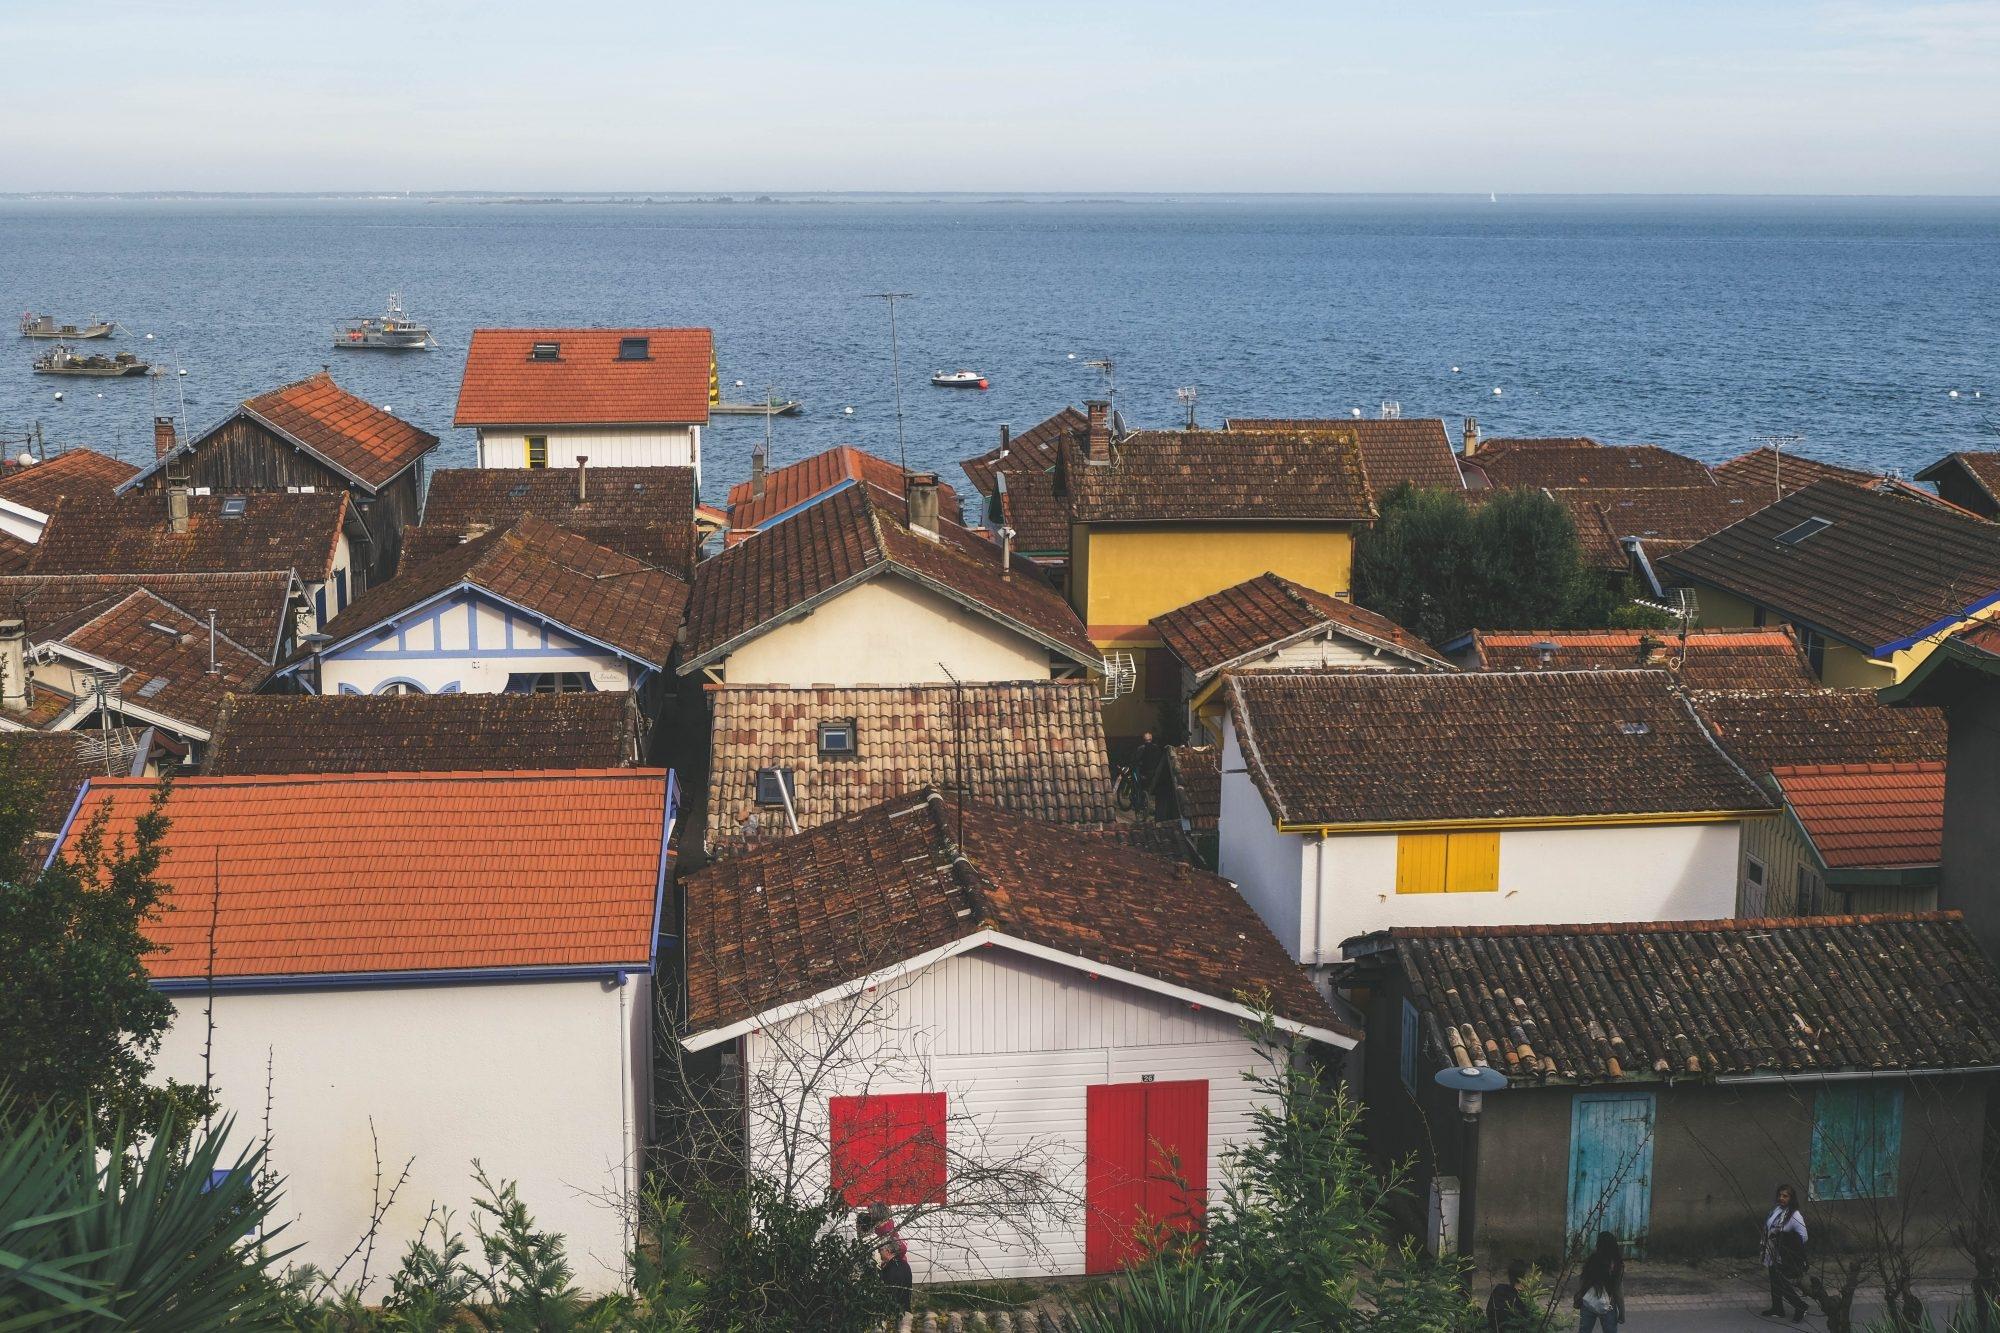 Vue en hauteur sur le village de l'Herbe du Cap Ferret